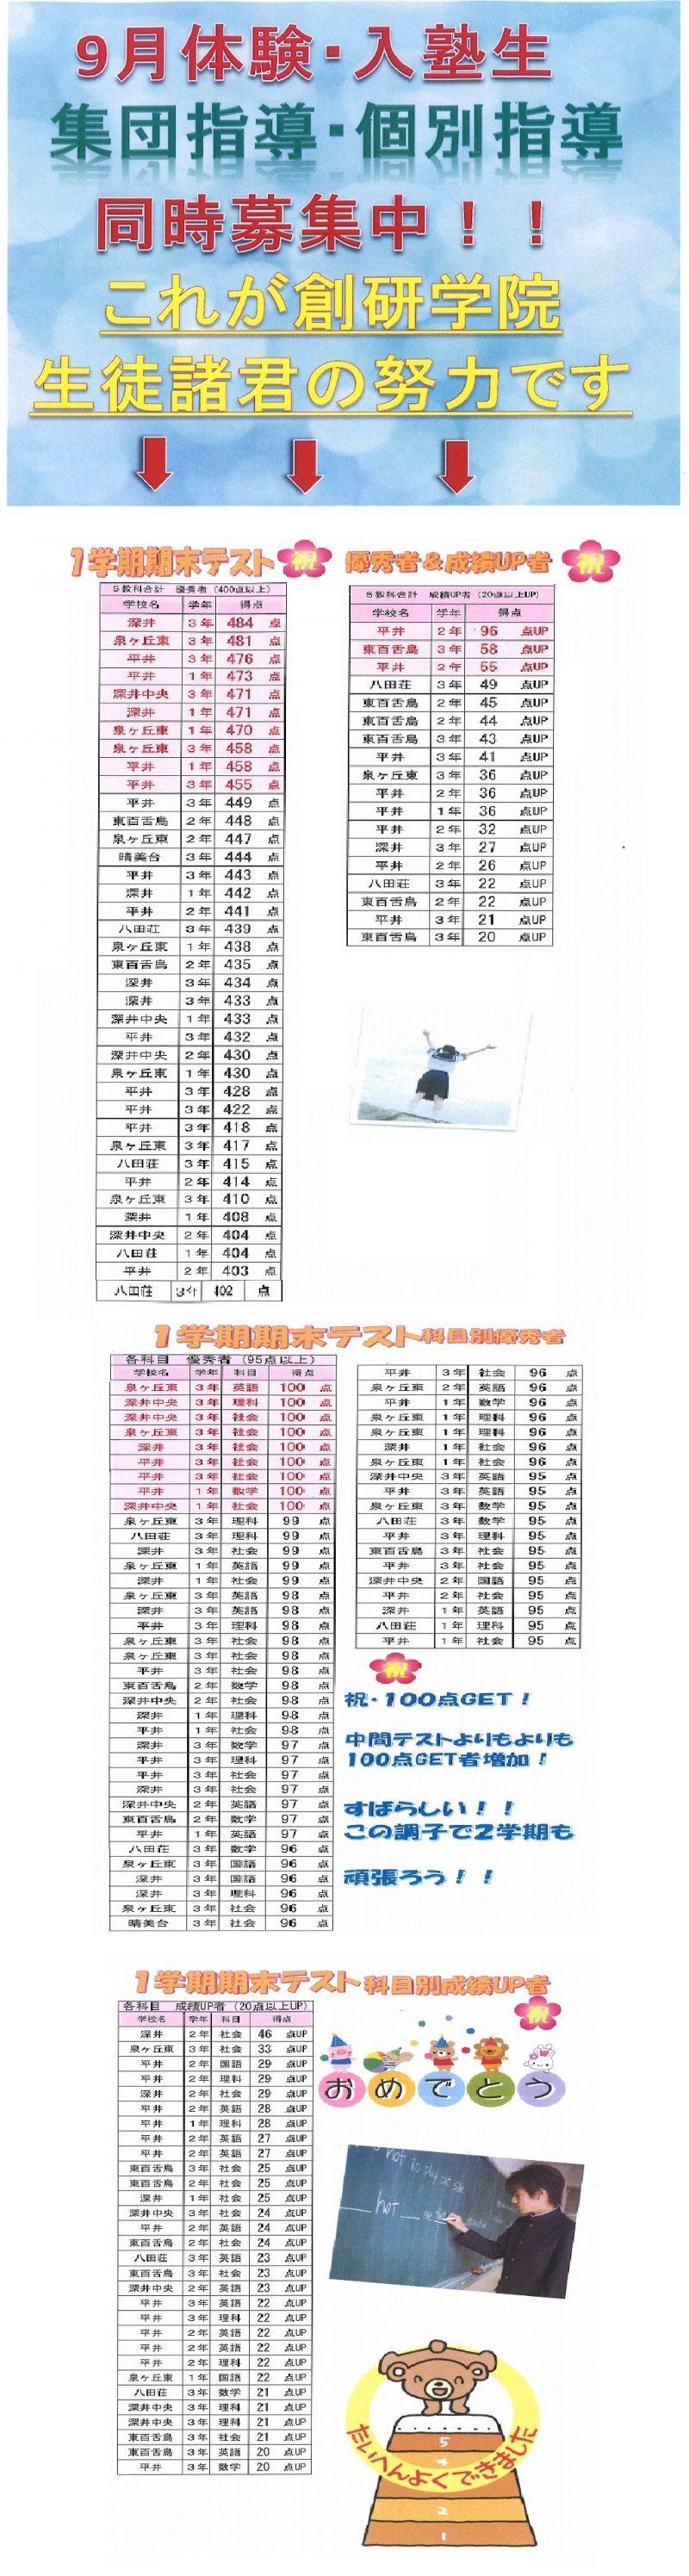 深井校:9月入塾・体験受講生募集中